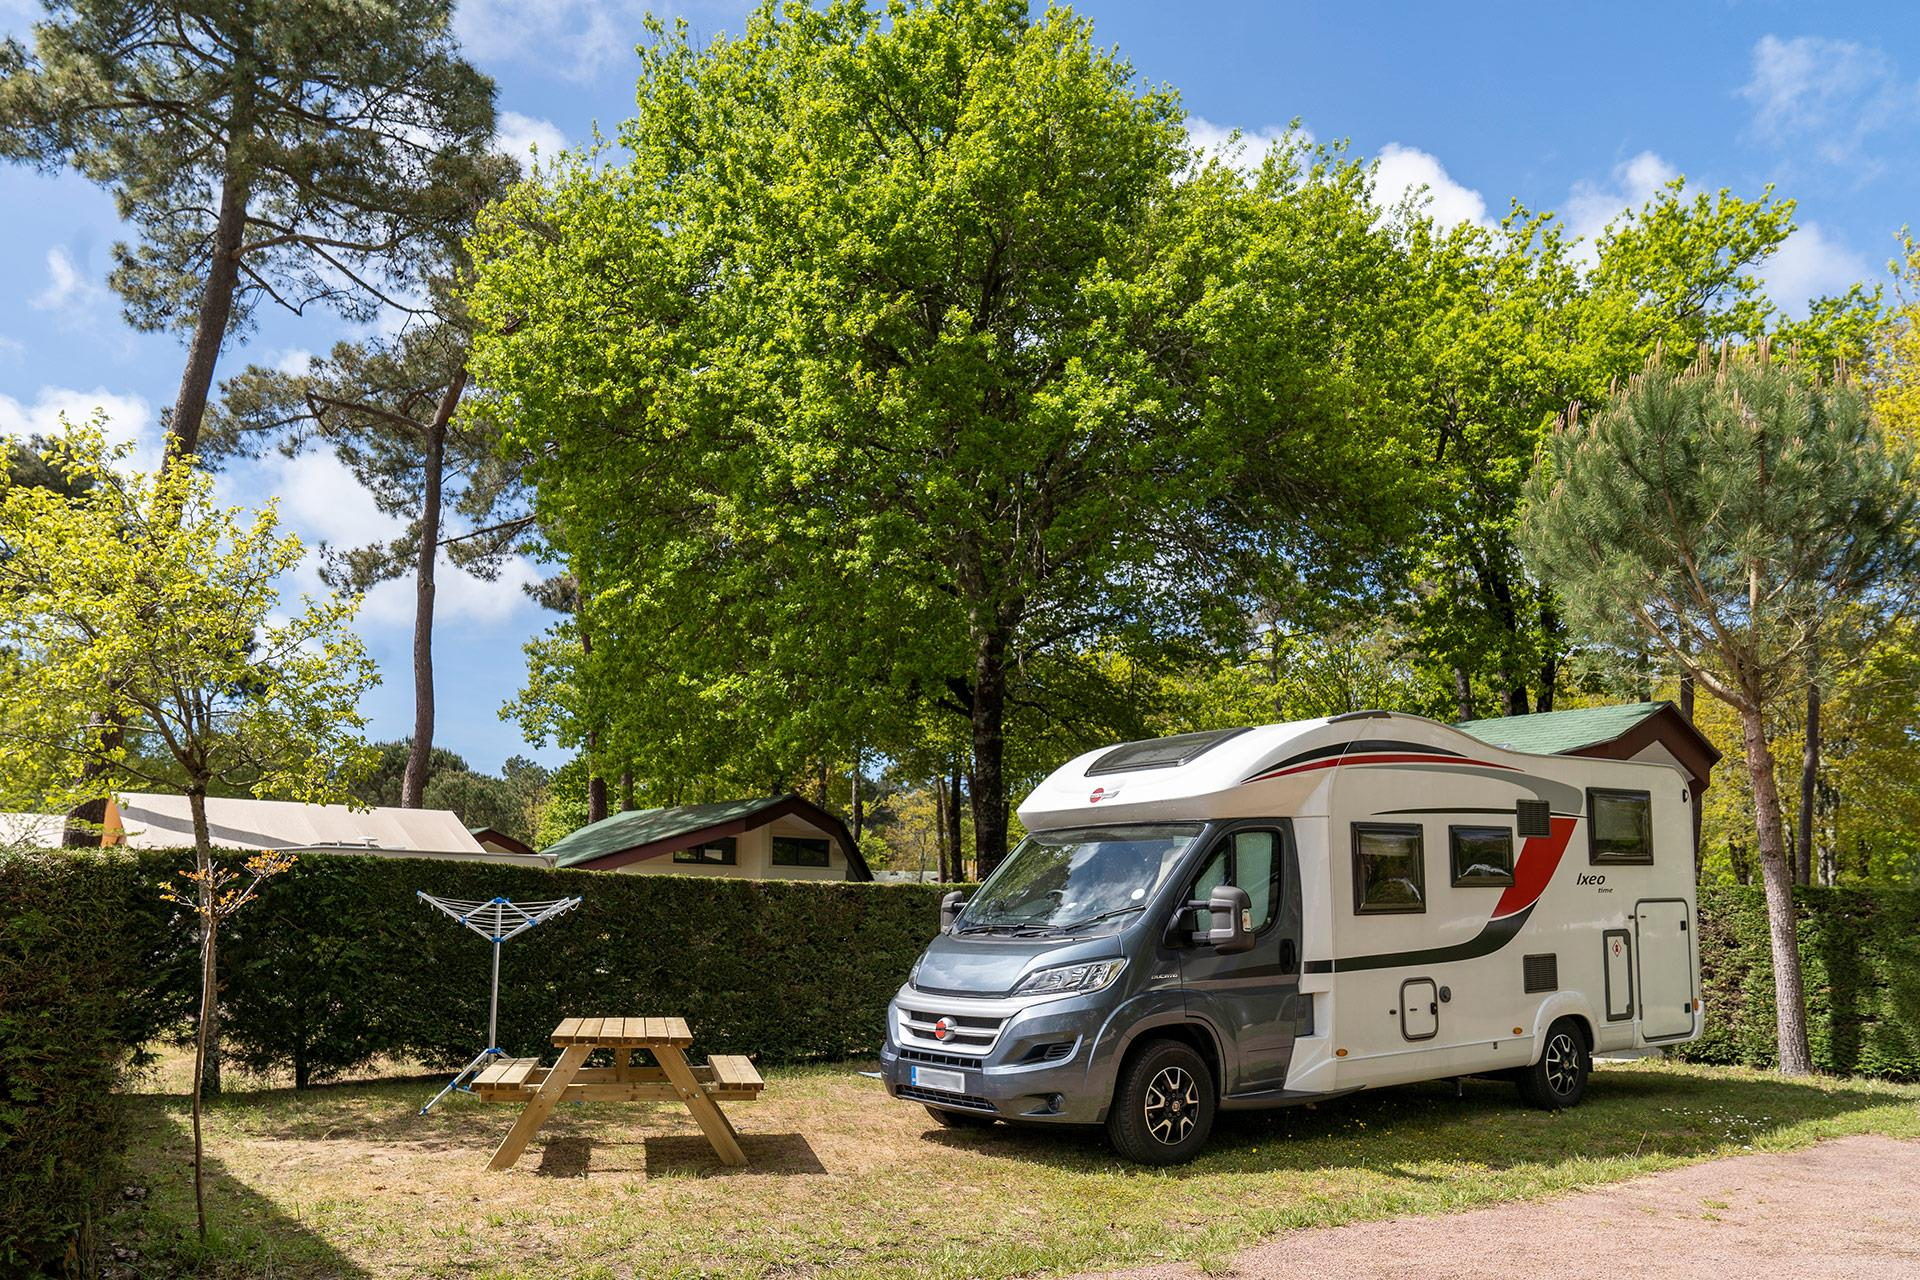 Emplacement - Forfait Emplacement Premium - Camping Sandaya L'Orée du Bois